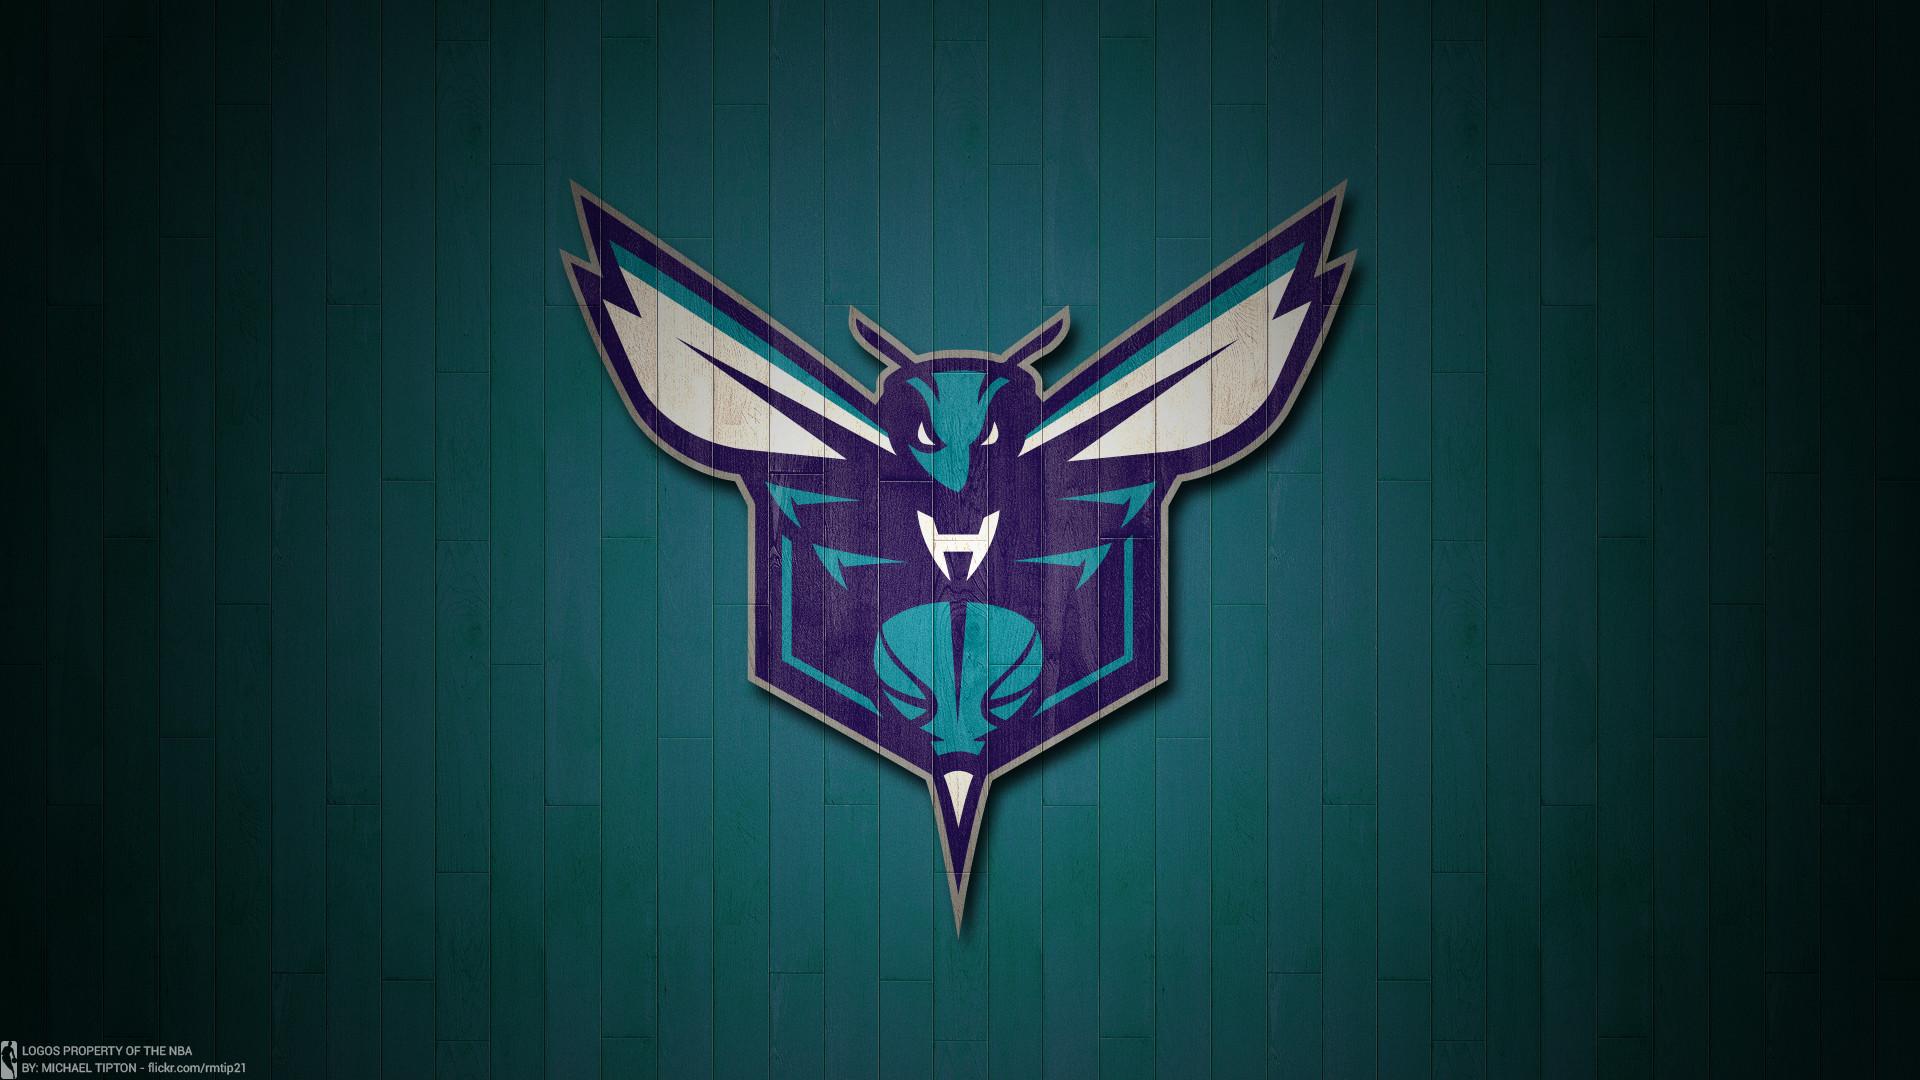 NBA 2017 Charlotte Hornets hardwood logo desktop wallpaper